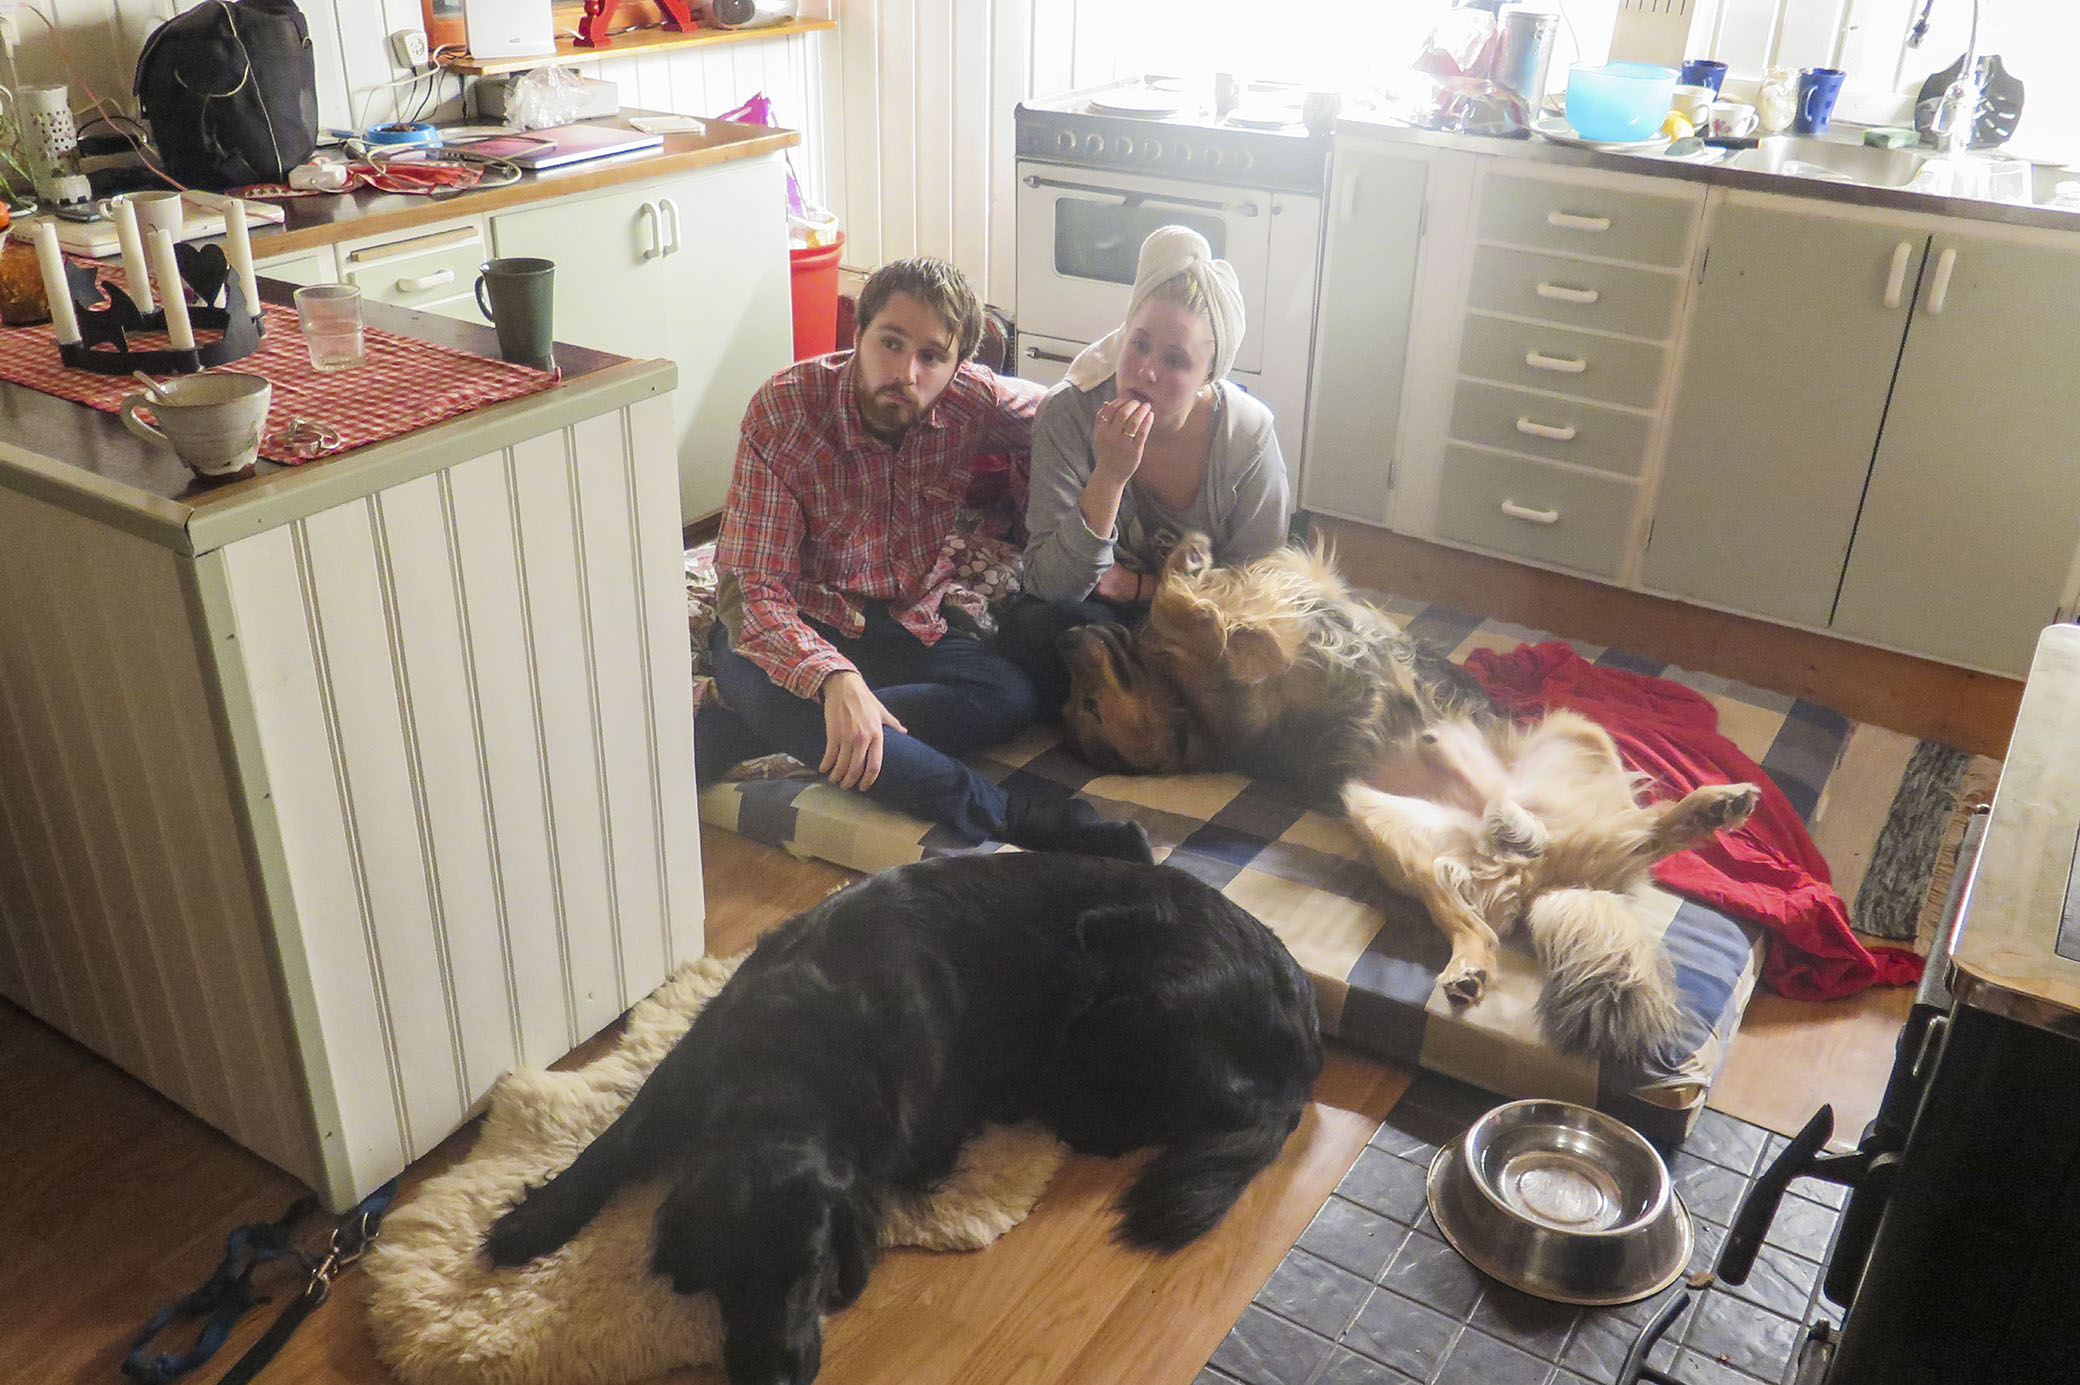 Min lillebror Filip och hans flickvän Johanna på en madrass i mitt kök, med hundarna tätt intill.